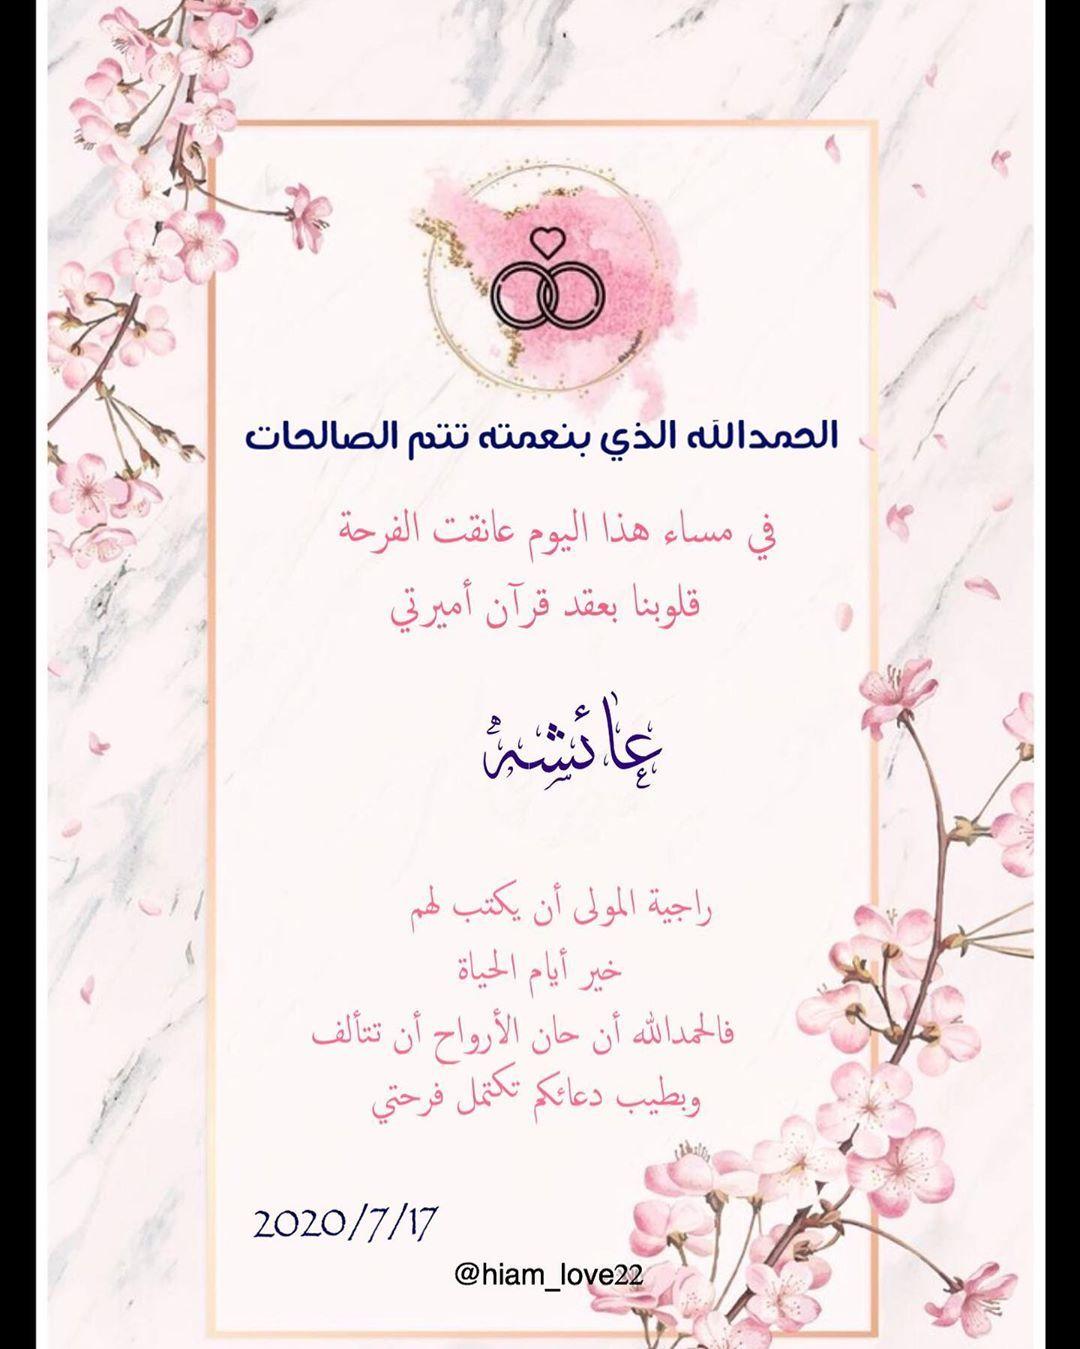 دعوات ه ي ام Hiam Love22 Posted On Instagram Jul 17 2020 At 5 42pm Utc Floral Cards Design Photo Collage Template Photo Frame Wallpaper